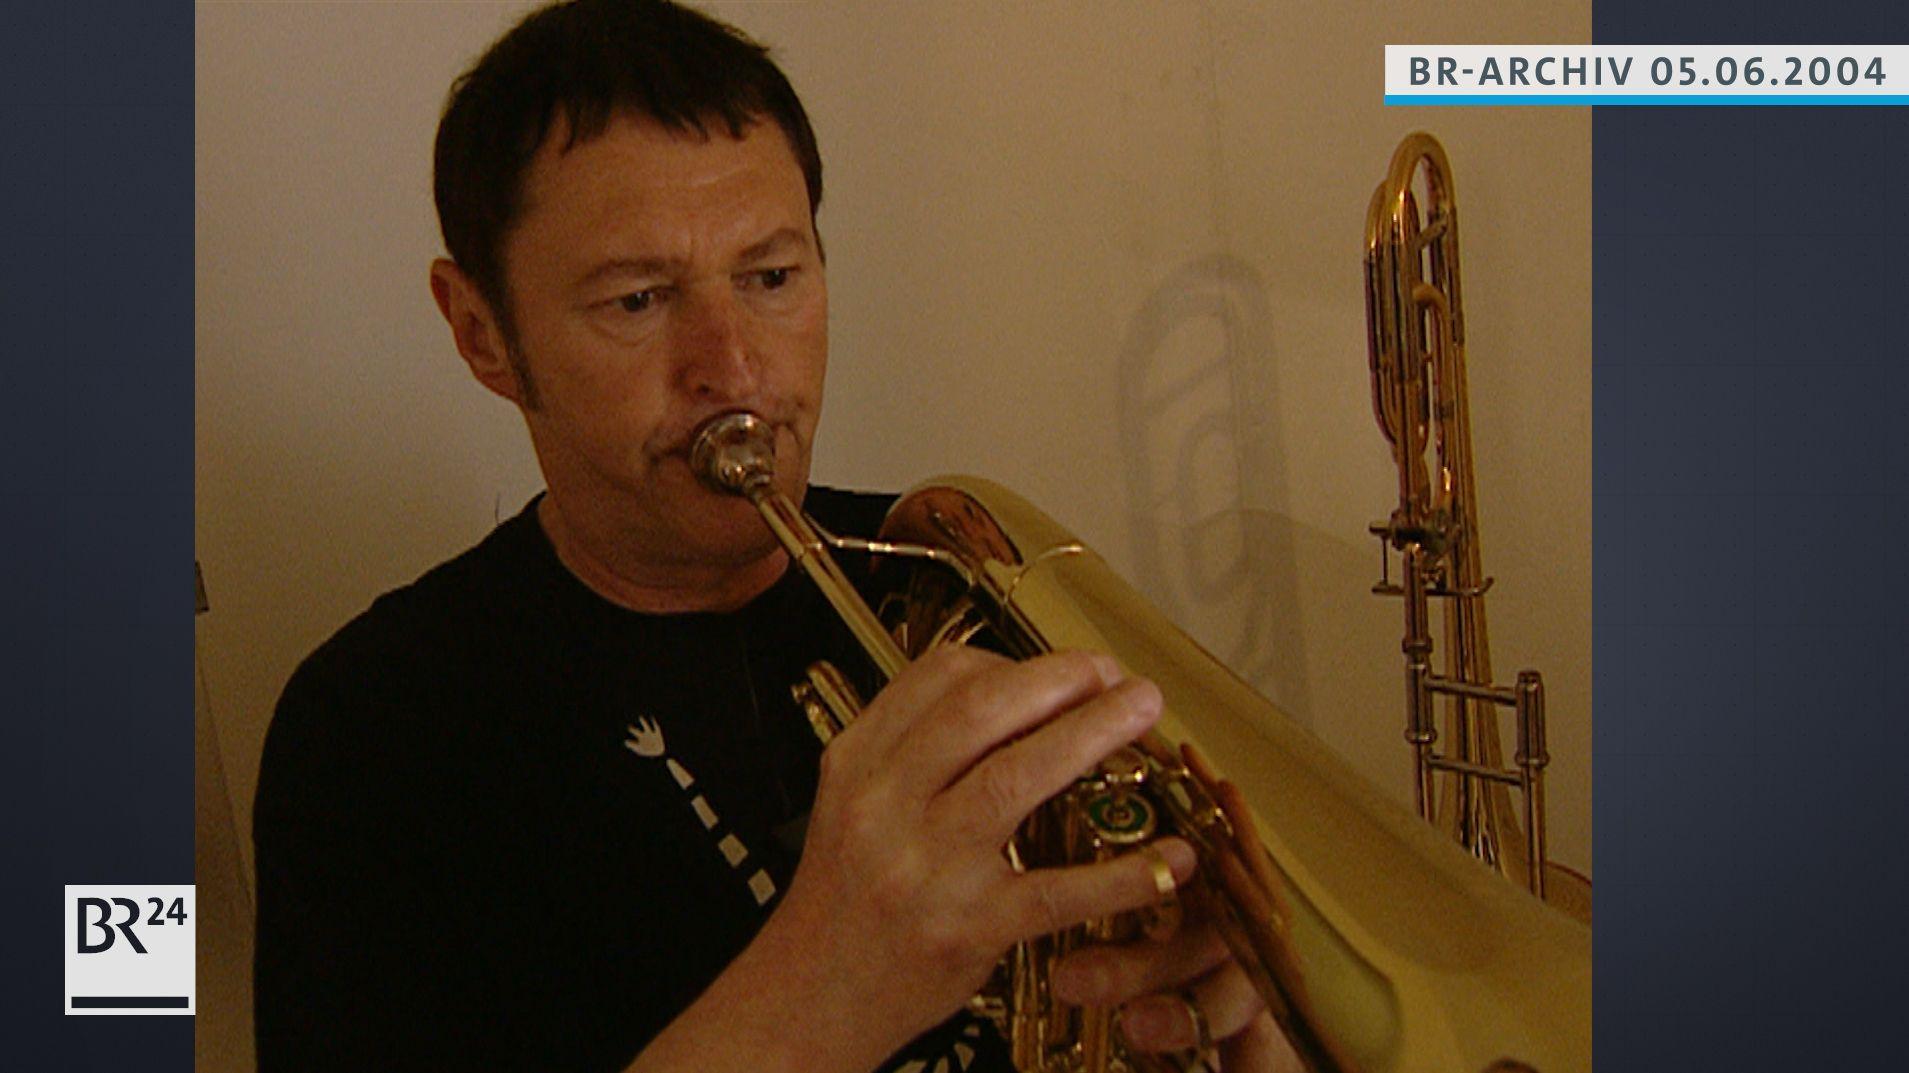 Hans-Jürgen Buchner beim Musizieren